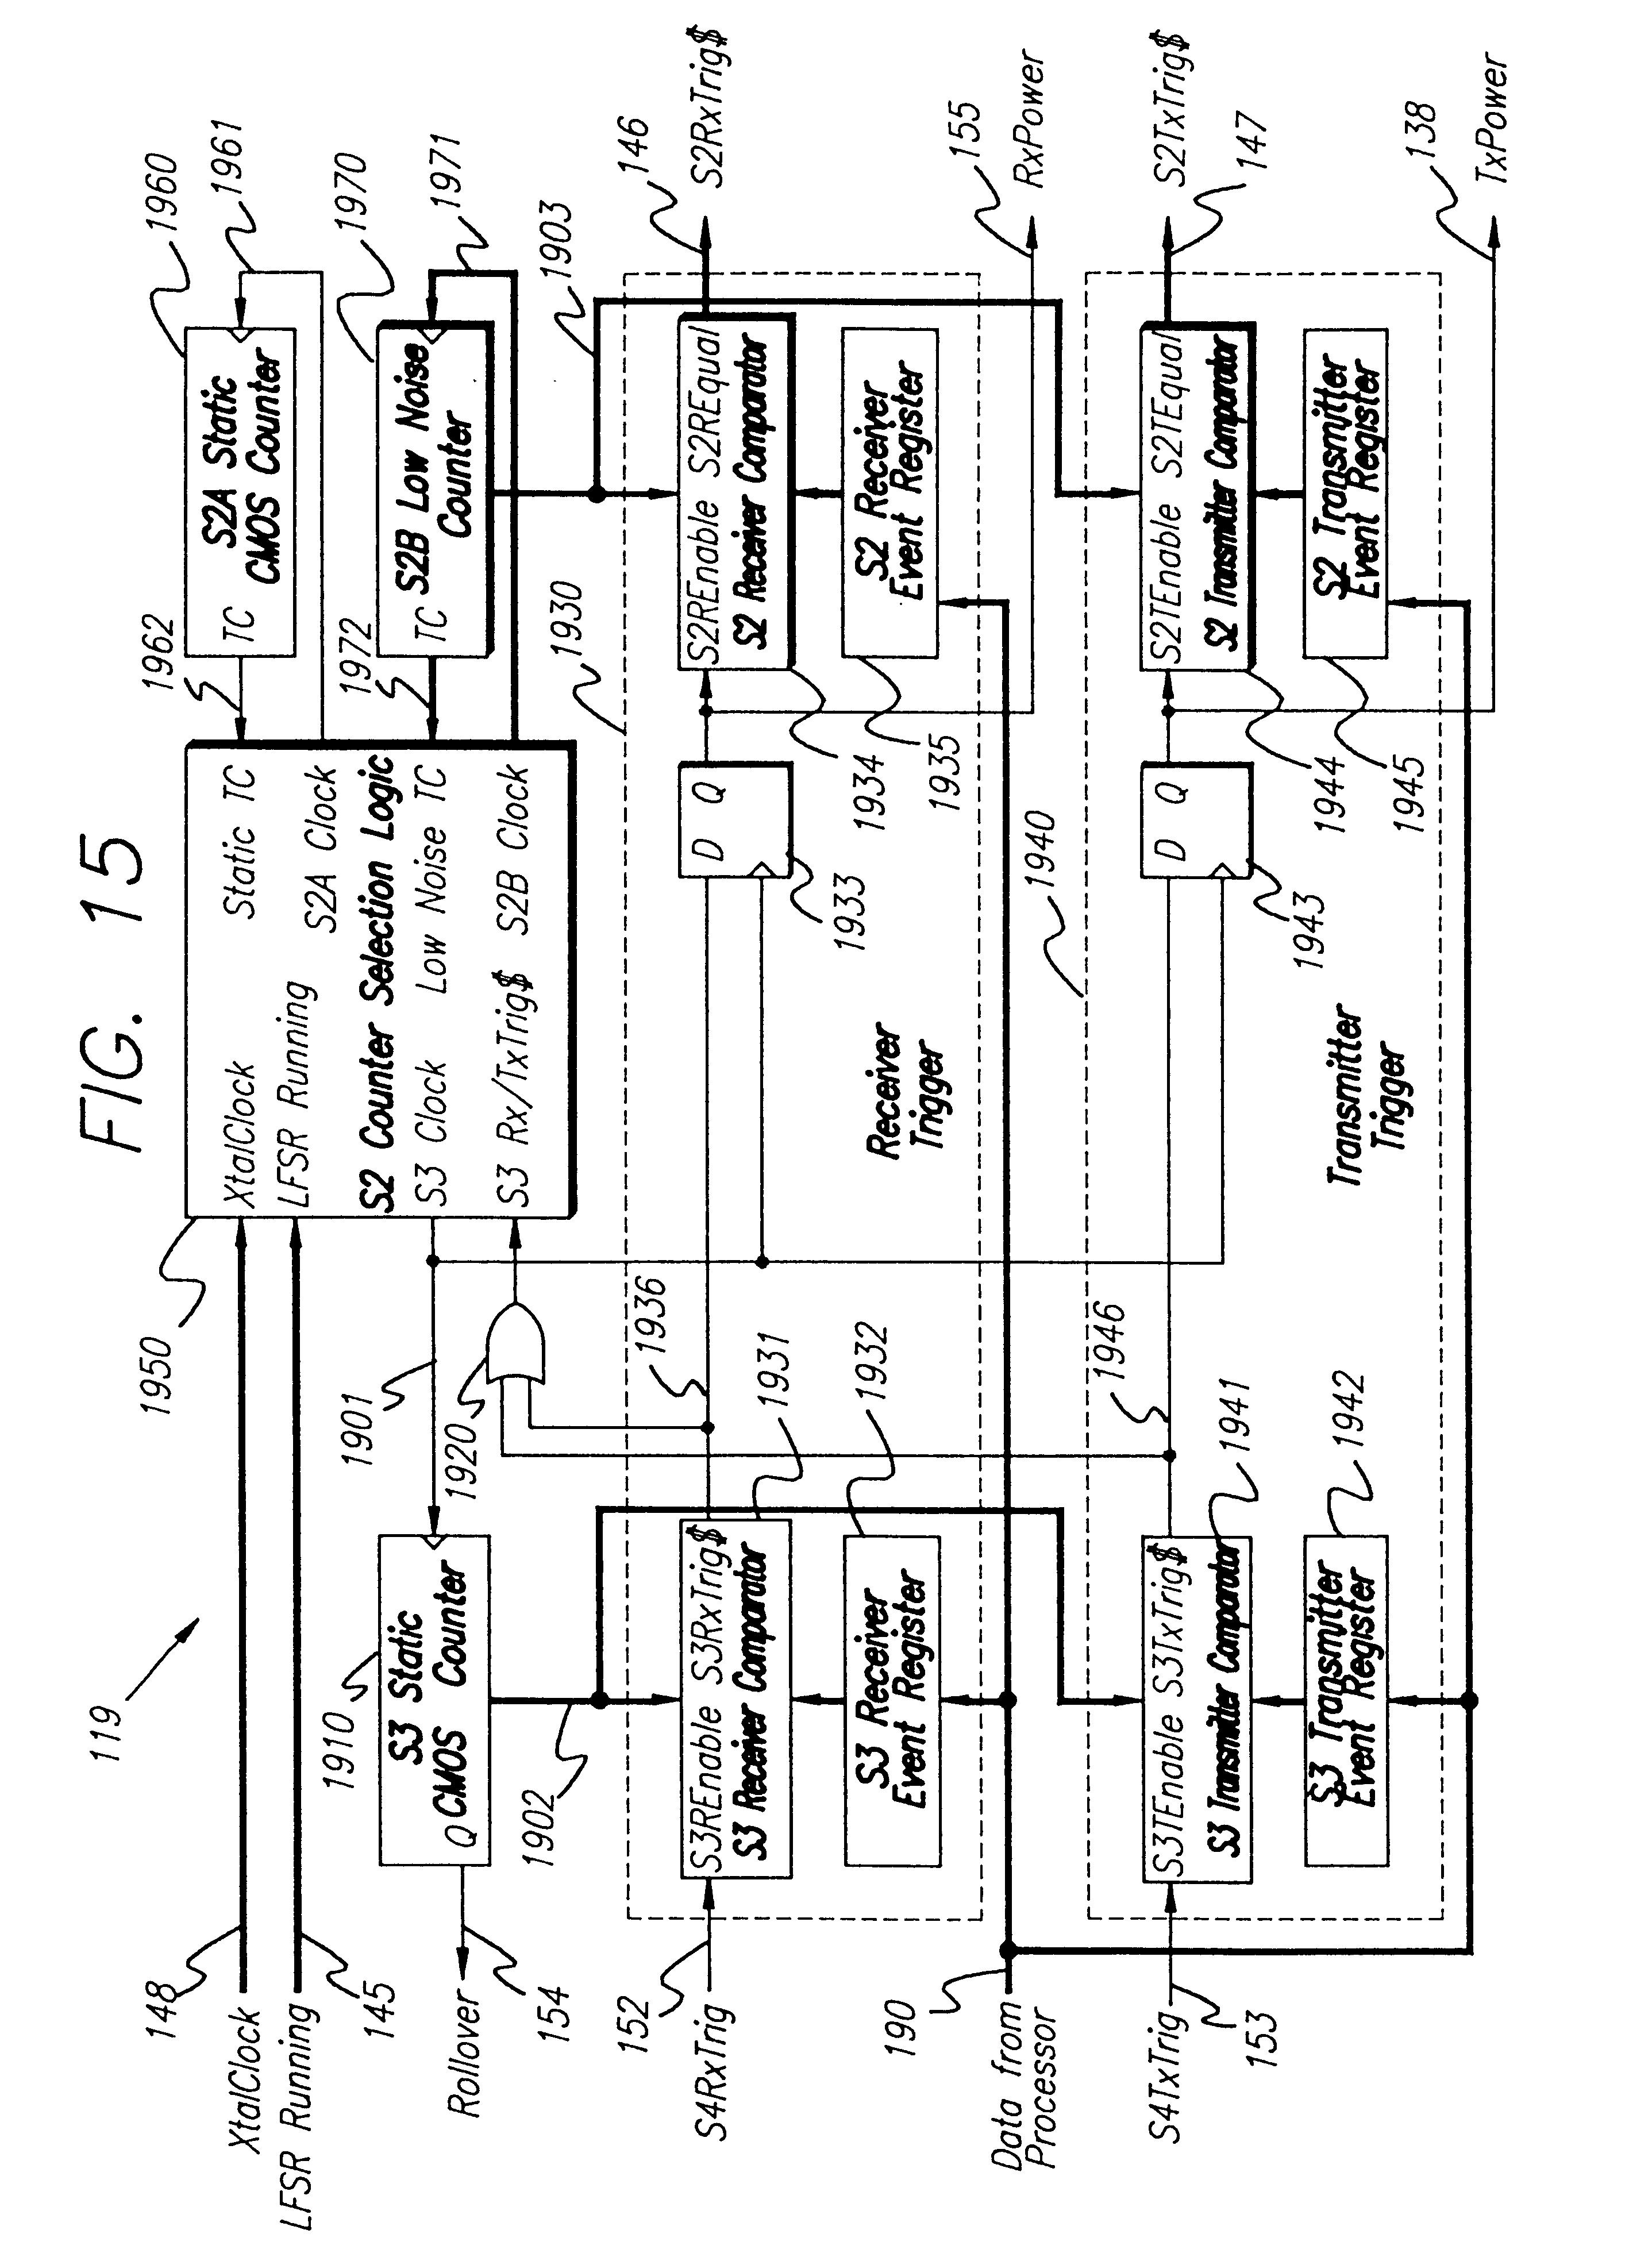 patent us6400754 - spread spectrum localizers